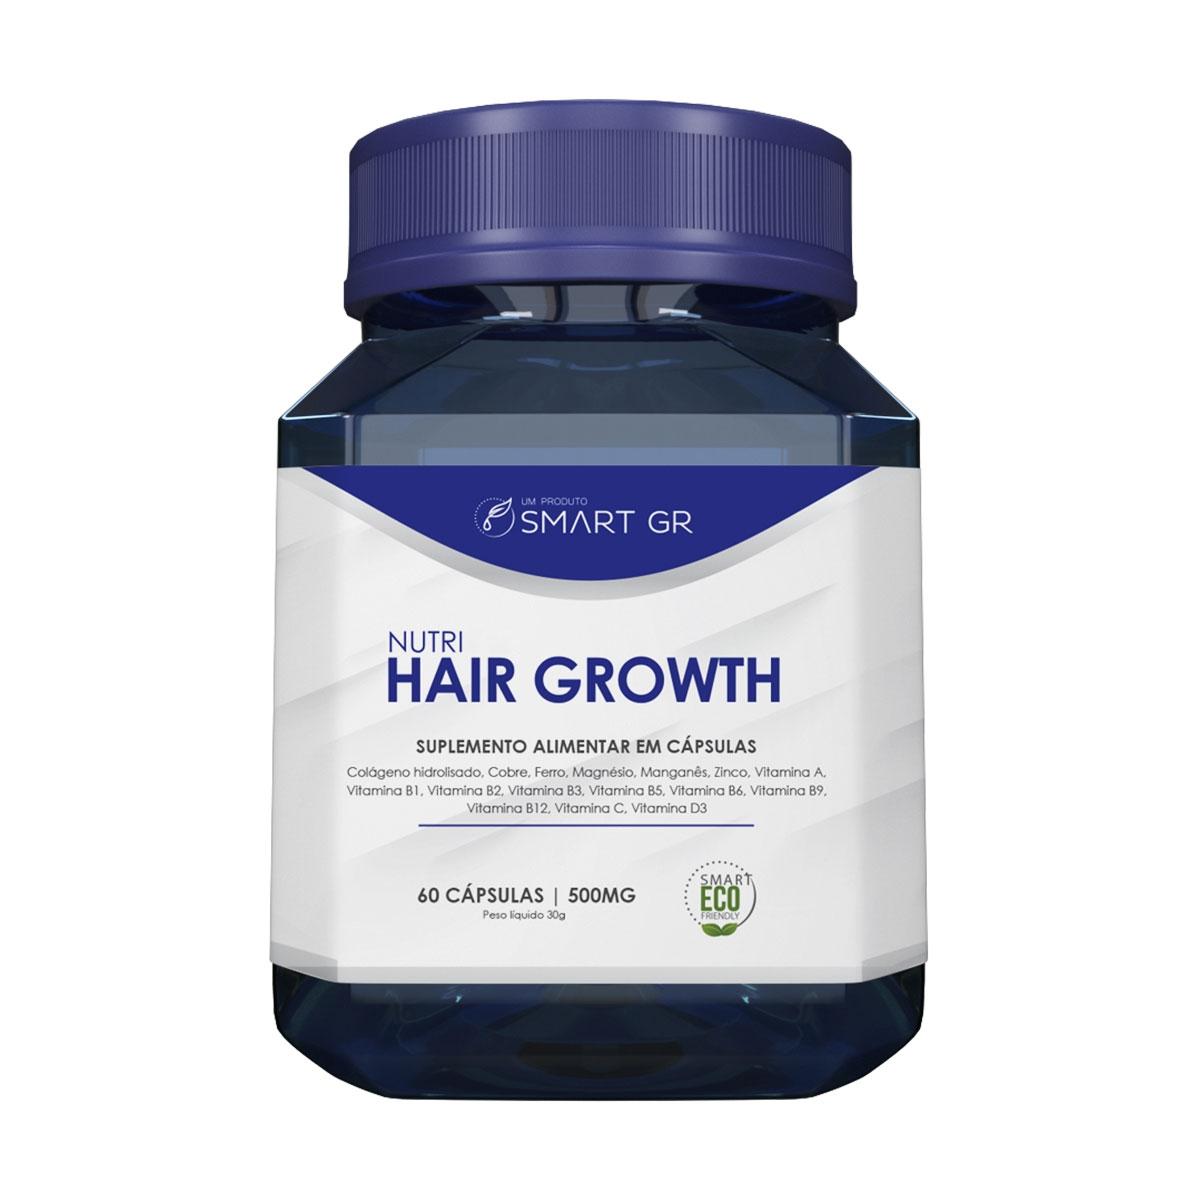 NUTRI HAIR GROWTH - SUPLEMENTO ALIMENTAR EM CÁPSULAS - CRESCIMENTO CAPILAR - SMART GR